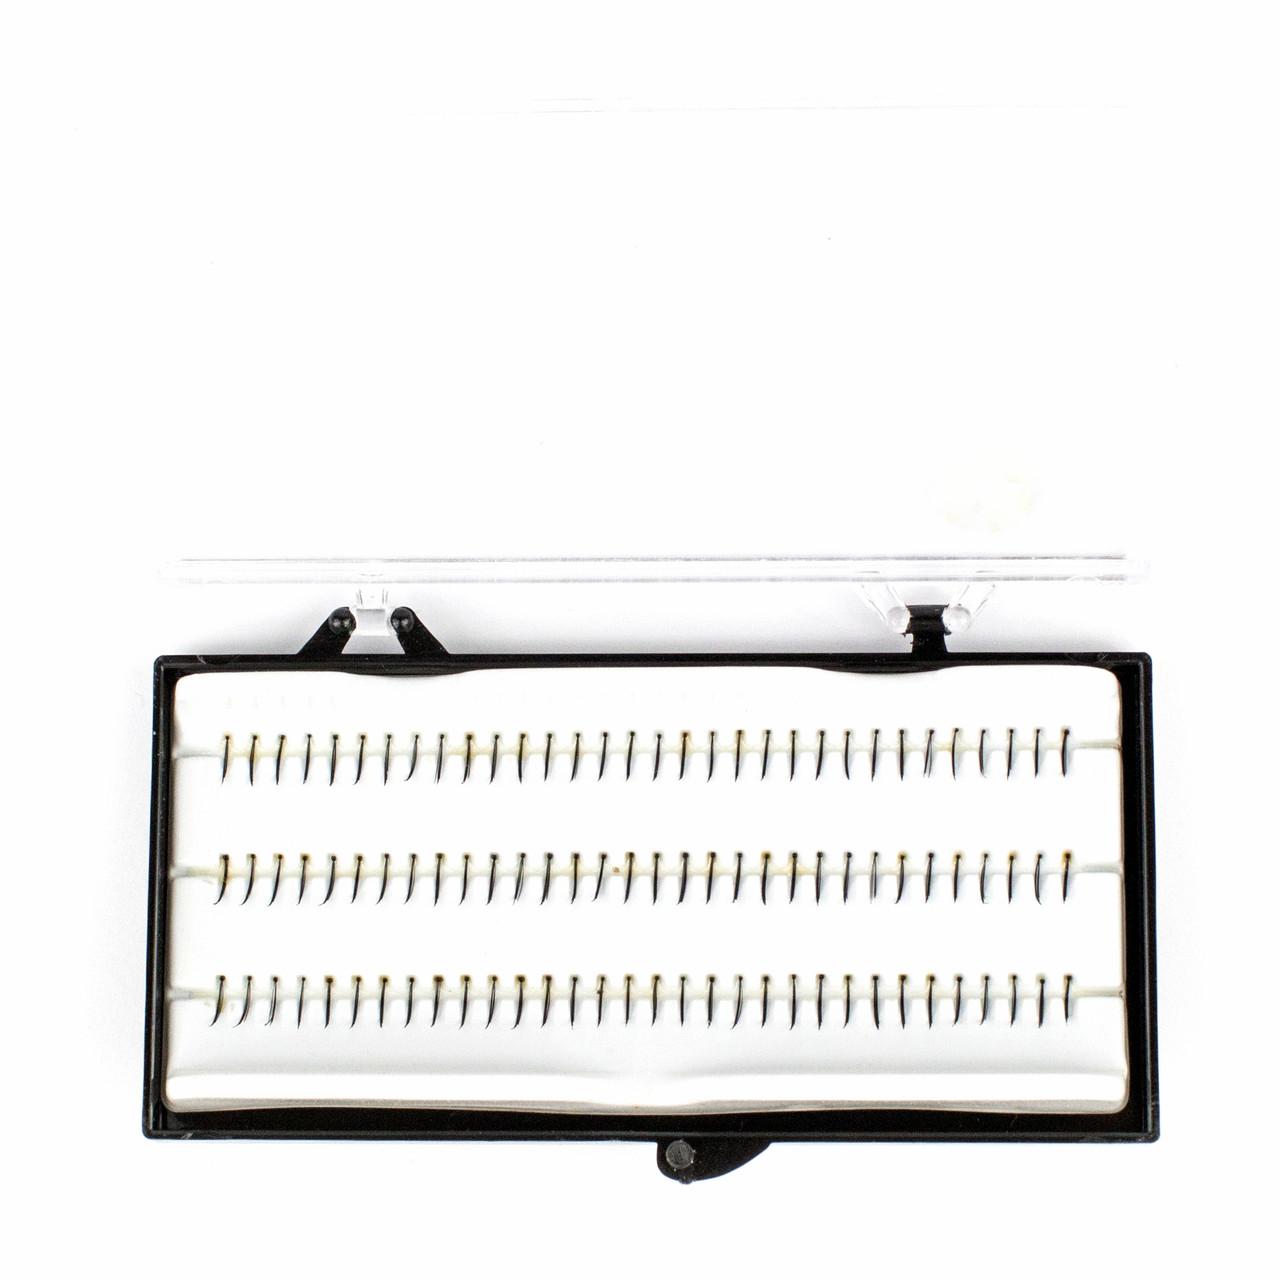 Набор из 96 однослойных прядей накладных ресниц 4 в 1 Beauties Factory Individual Single Strands 8 мм